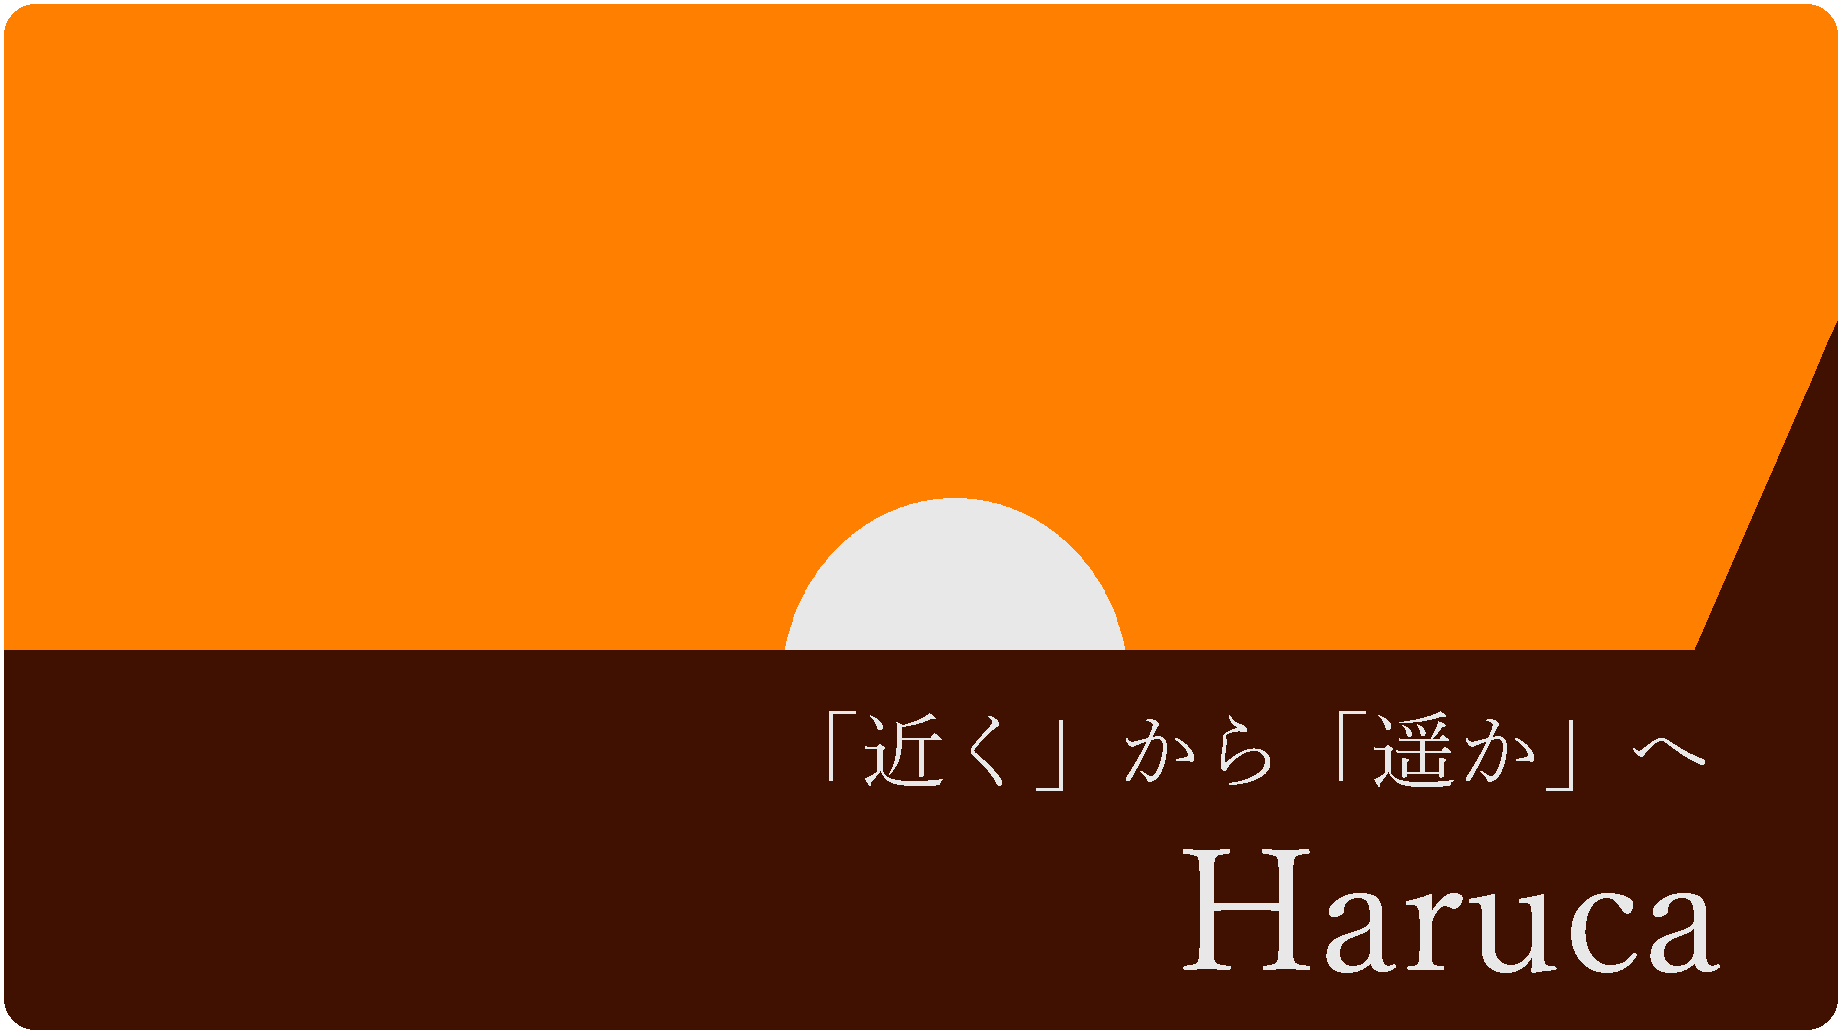 HARUCA.png